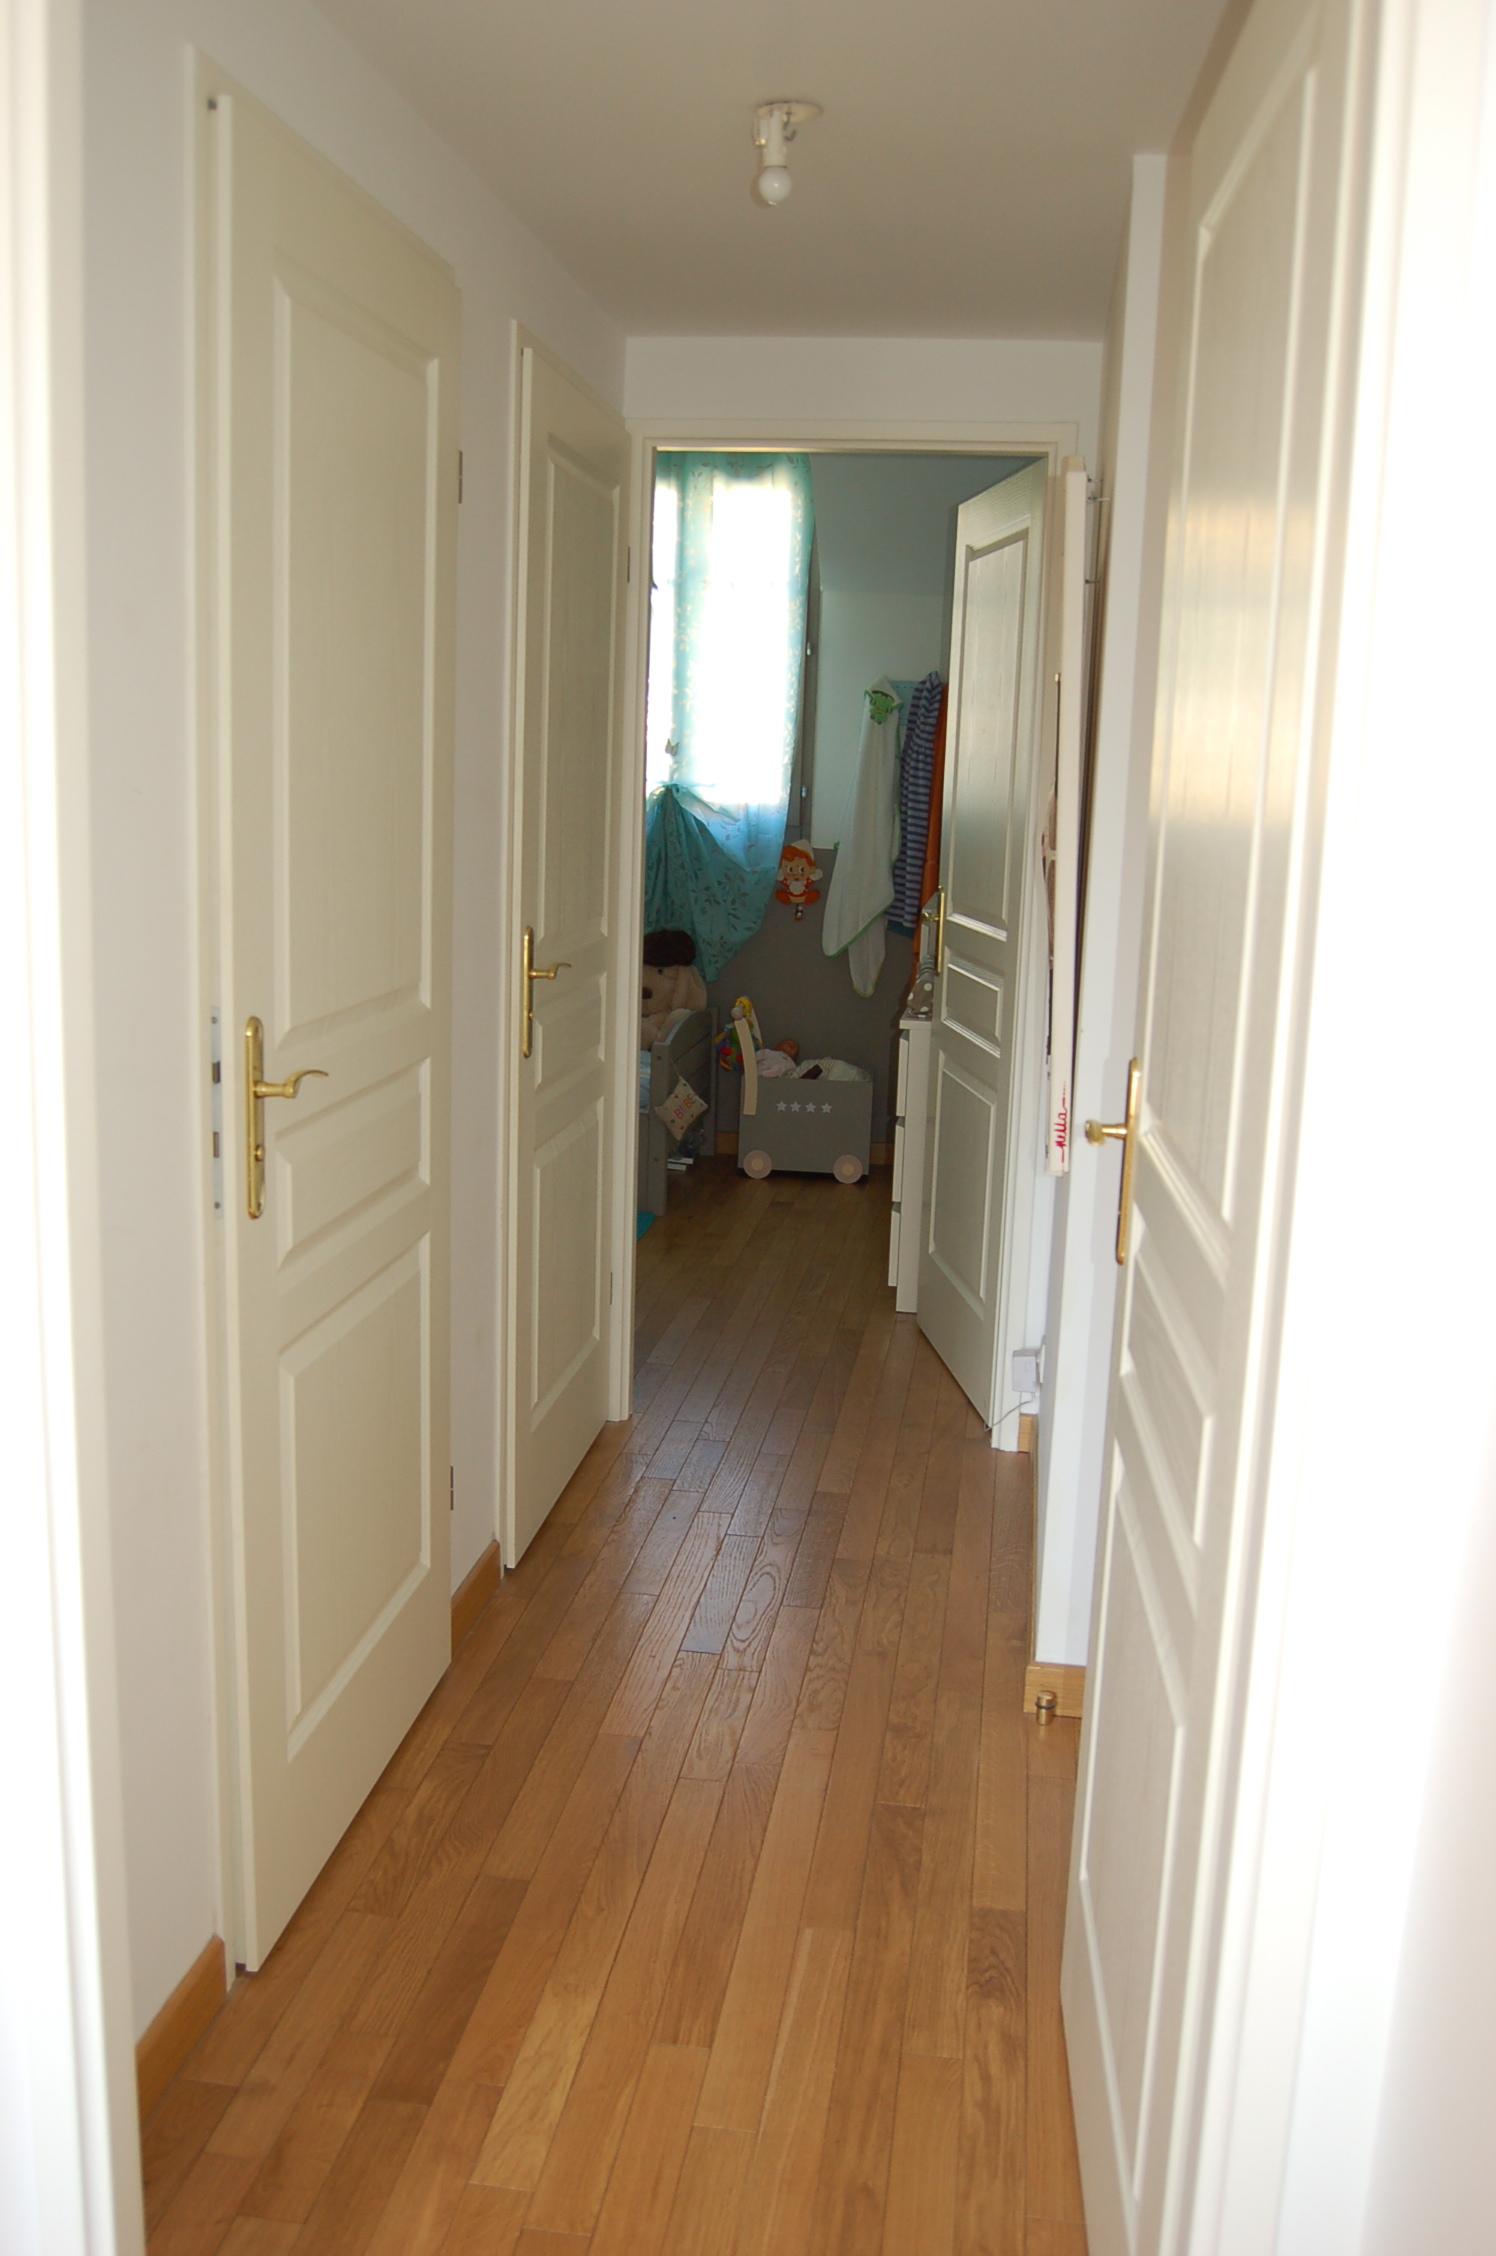 Emejing couleur couloir appartement ideas - Couleur couloir appartement ...